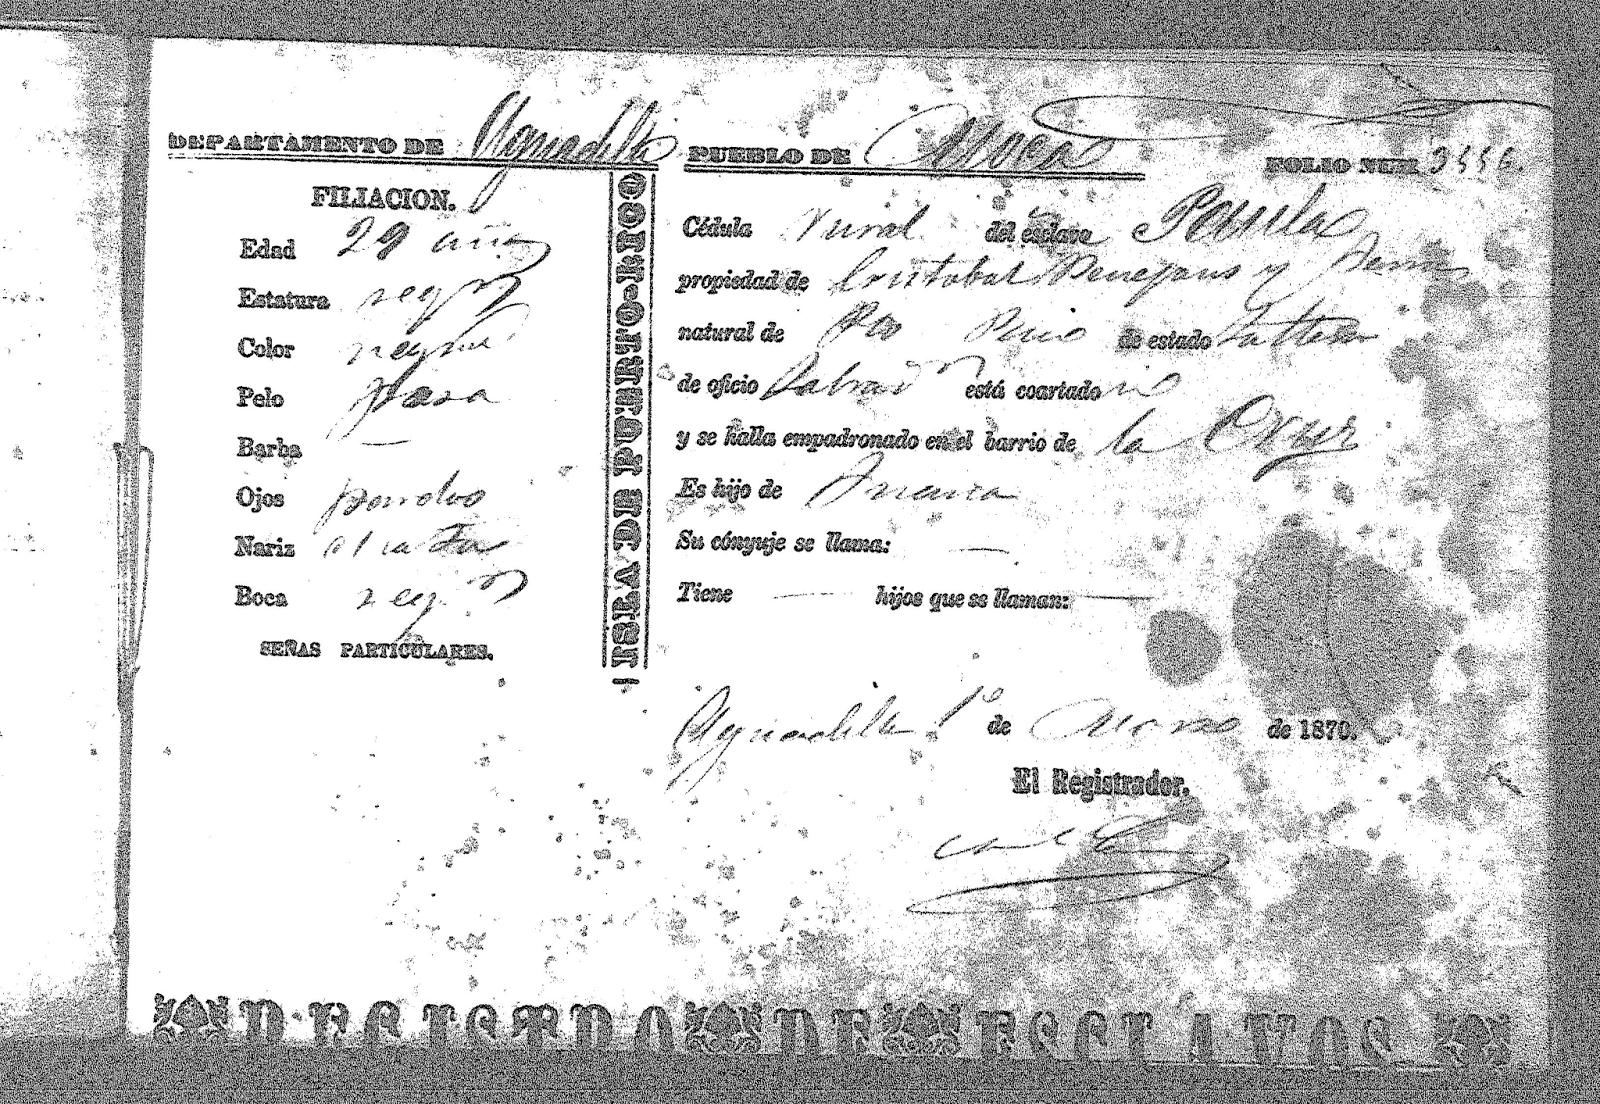 3556 paula hija de juana 29 propiedad de cristobal benejans y suria 1 mar 1870 moca aguadilla district agpr gobernadores espanoles